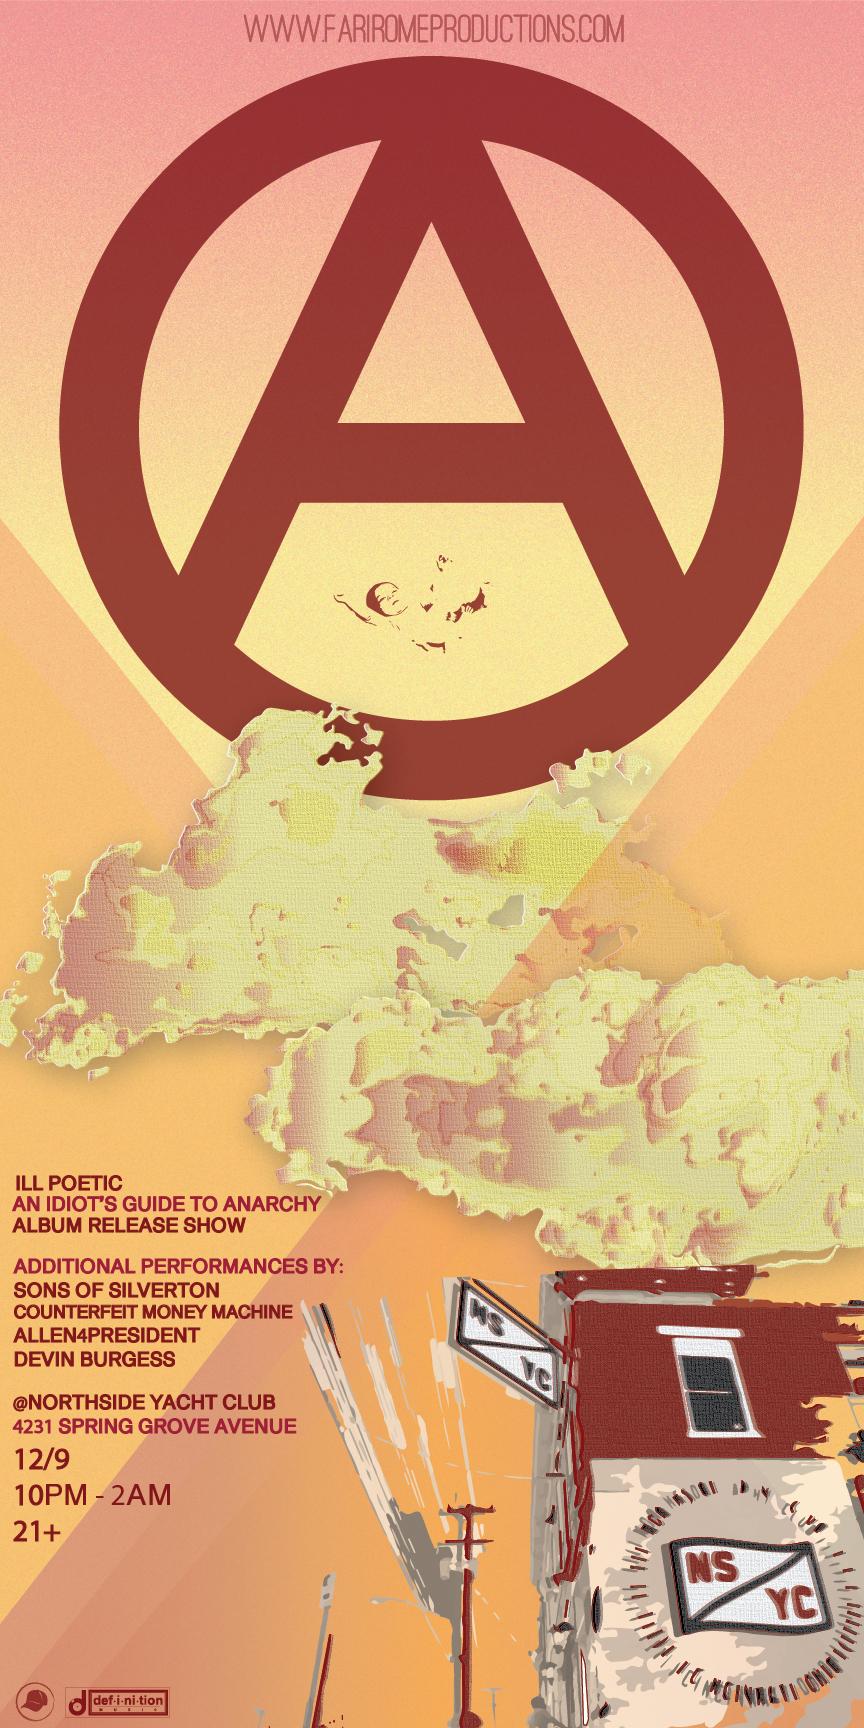 FIR-AIGTA---Poster---Web.jpg